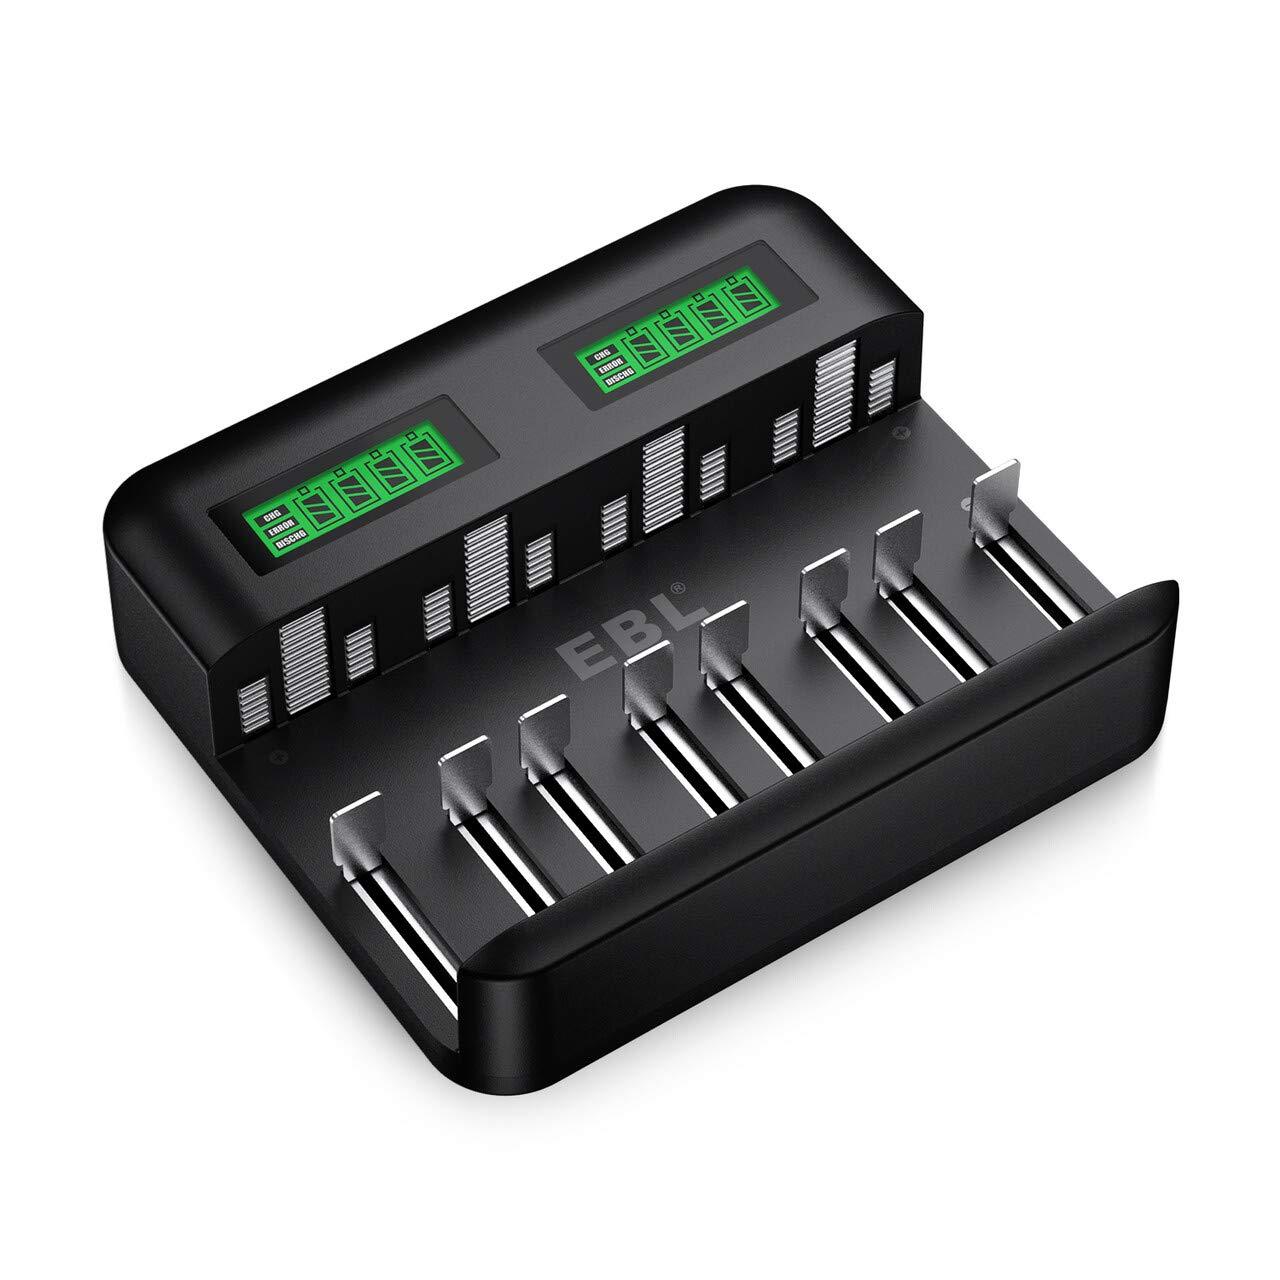 EBL Inteligente Cargador de Pilas, Cargador de batería de Ni-MH NI-CD AA AAA C D, Universal Carga Rápida con Tipo C/Micro USB, Pantalla LCD, Ranura Independiente y Auto-Detección